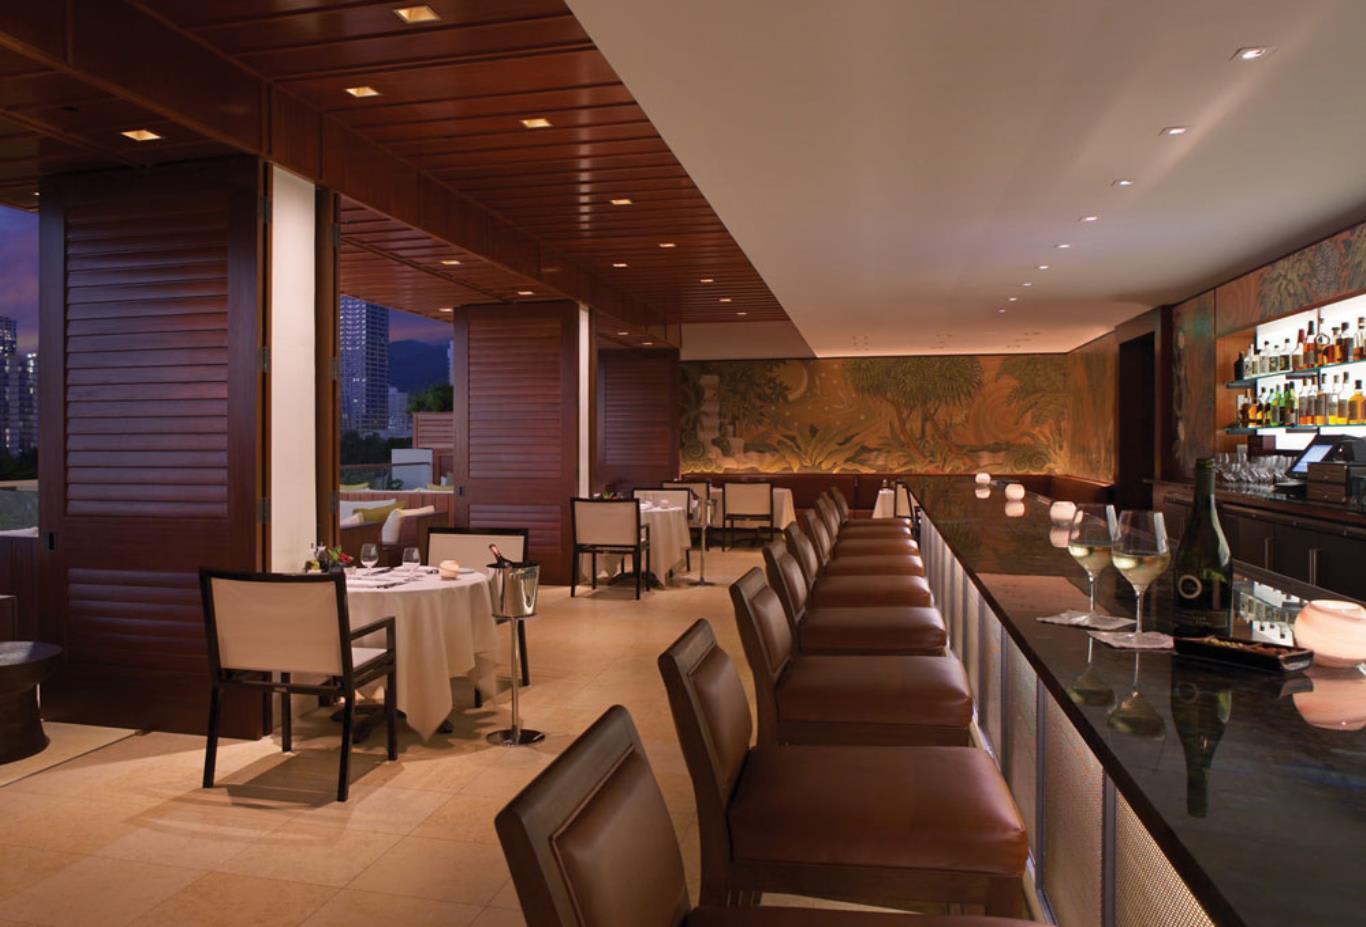 Wai'olu Ocean View Lounge